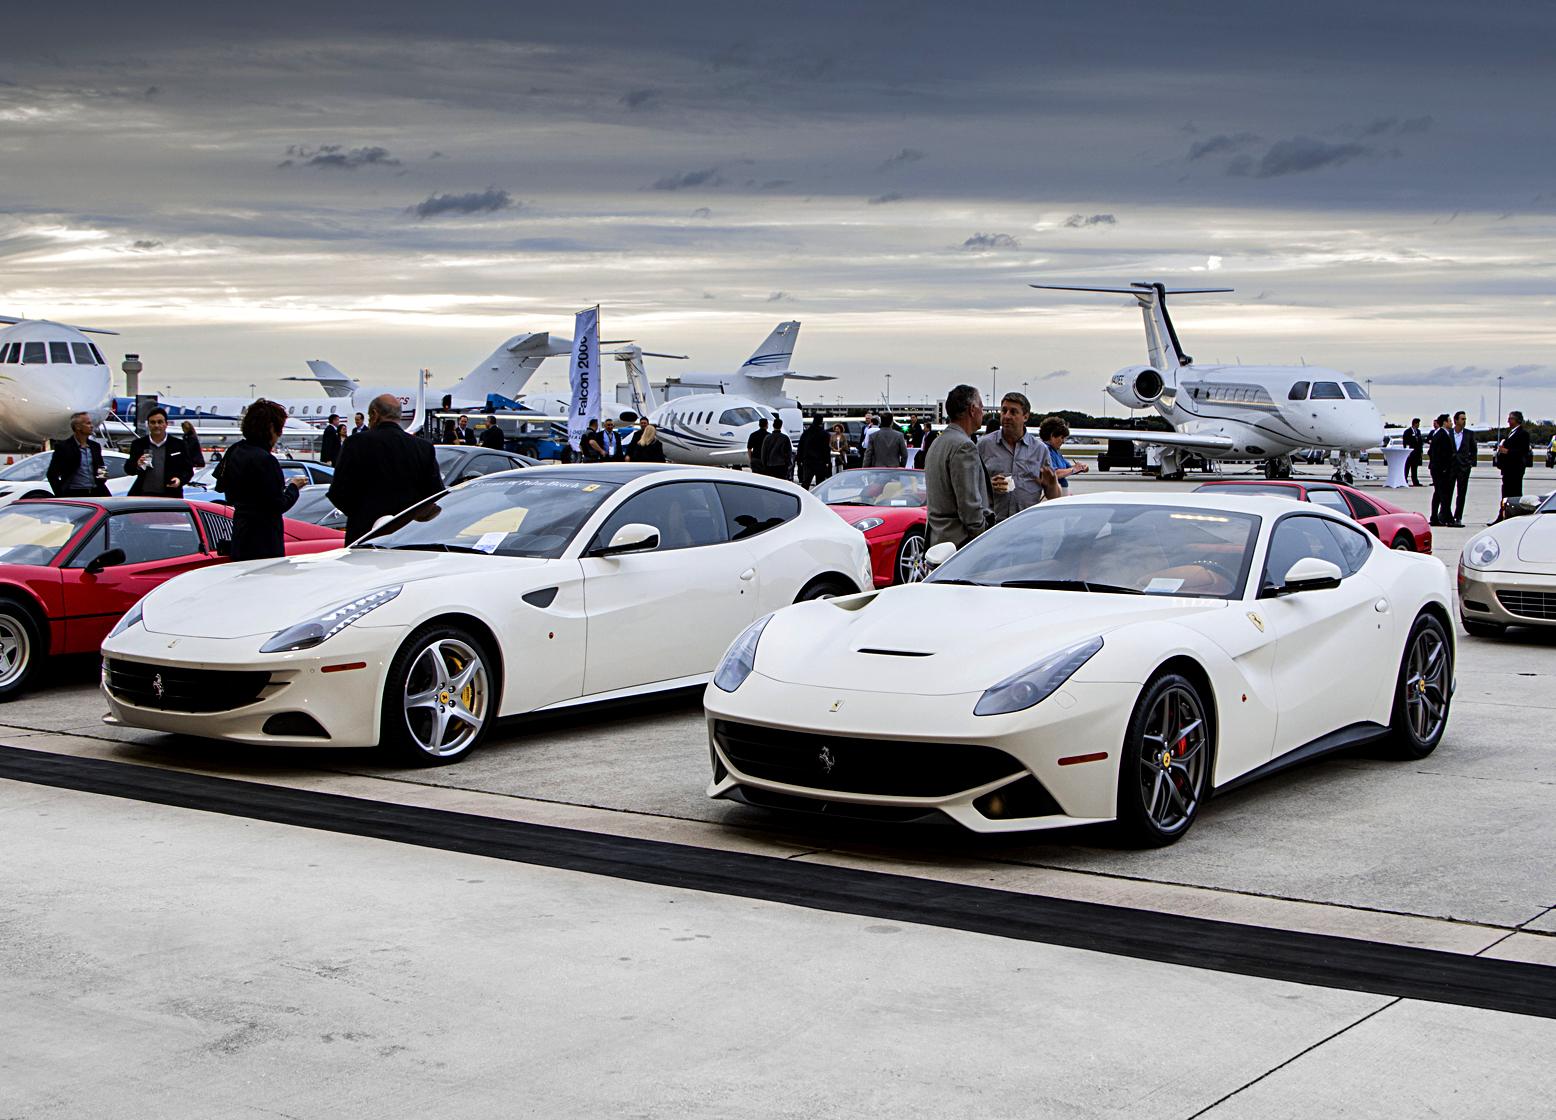 2020 Cavallino Classic Jet Party